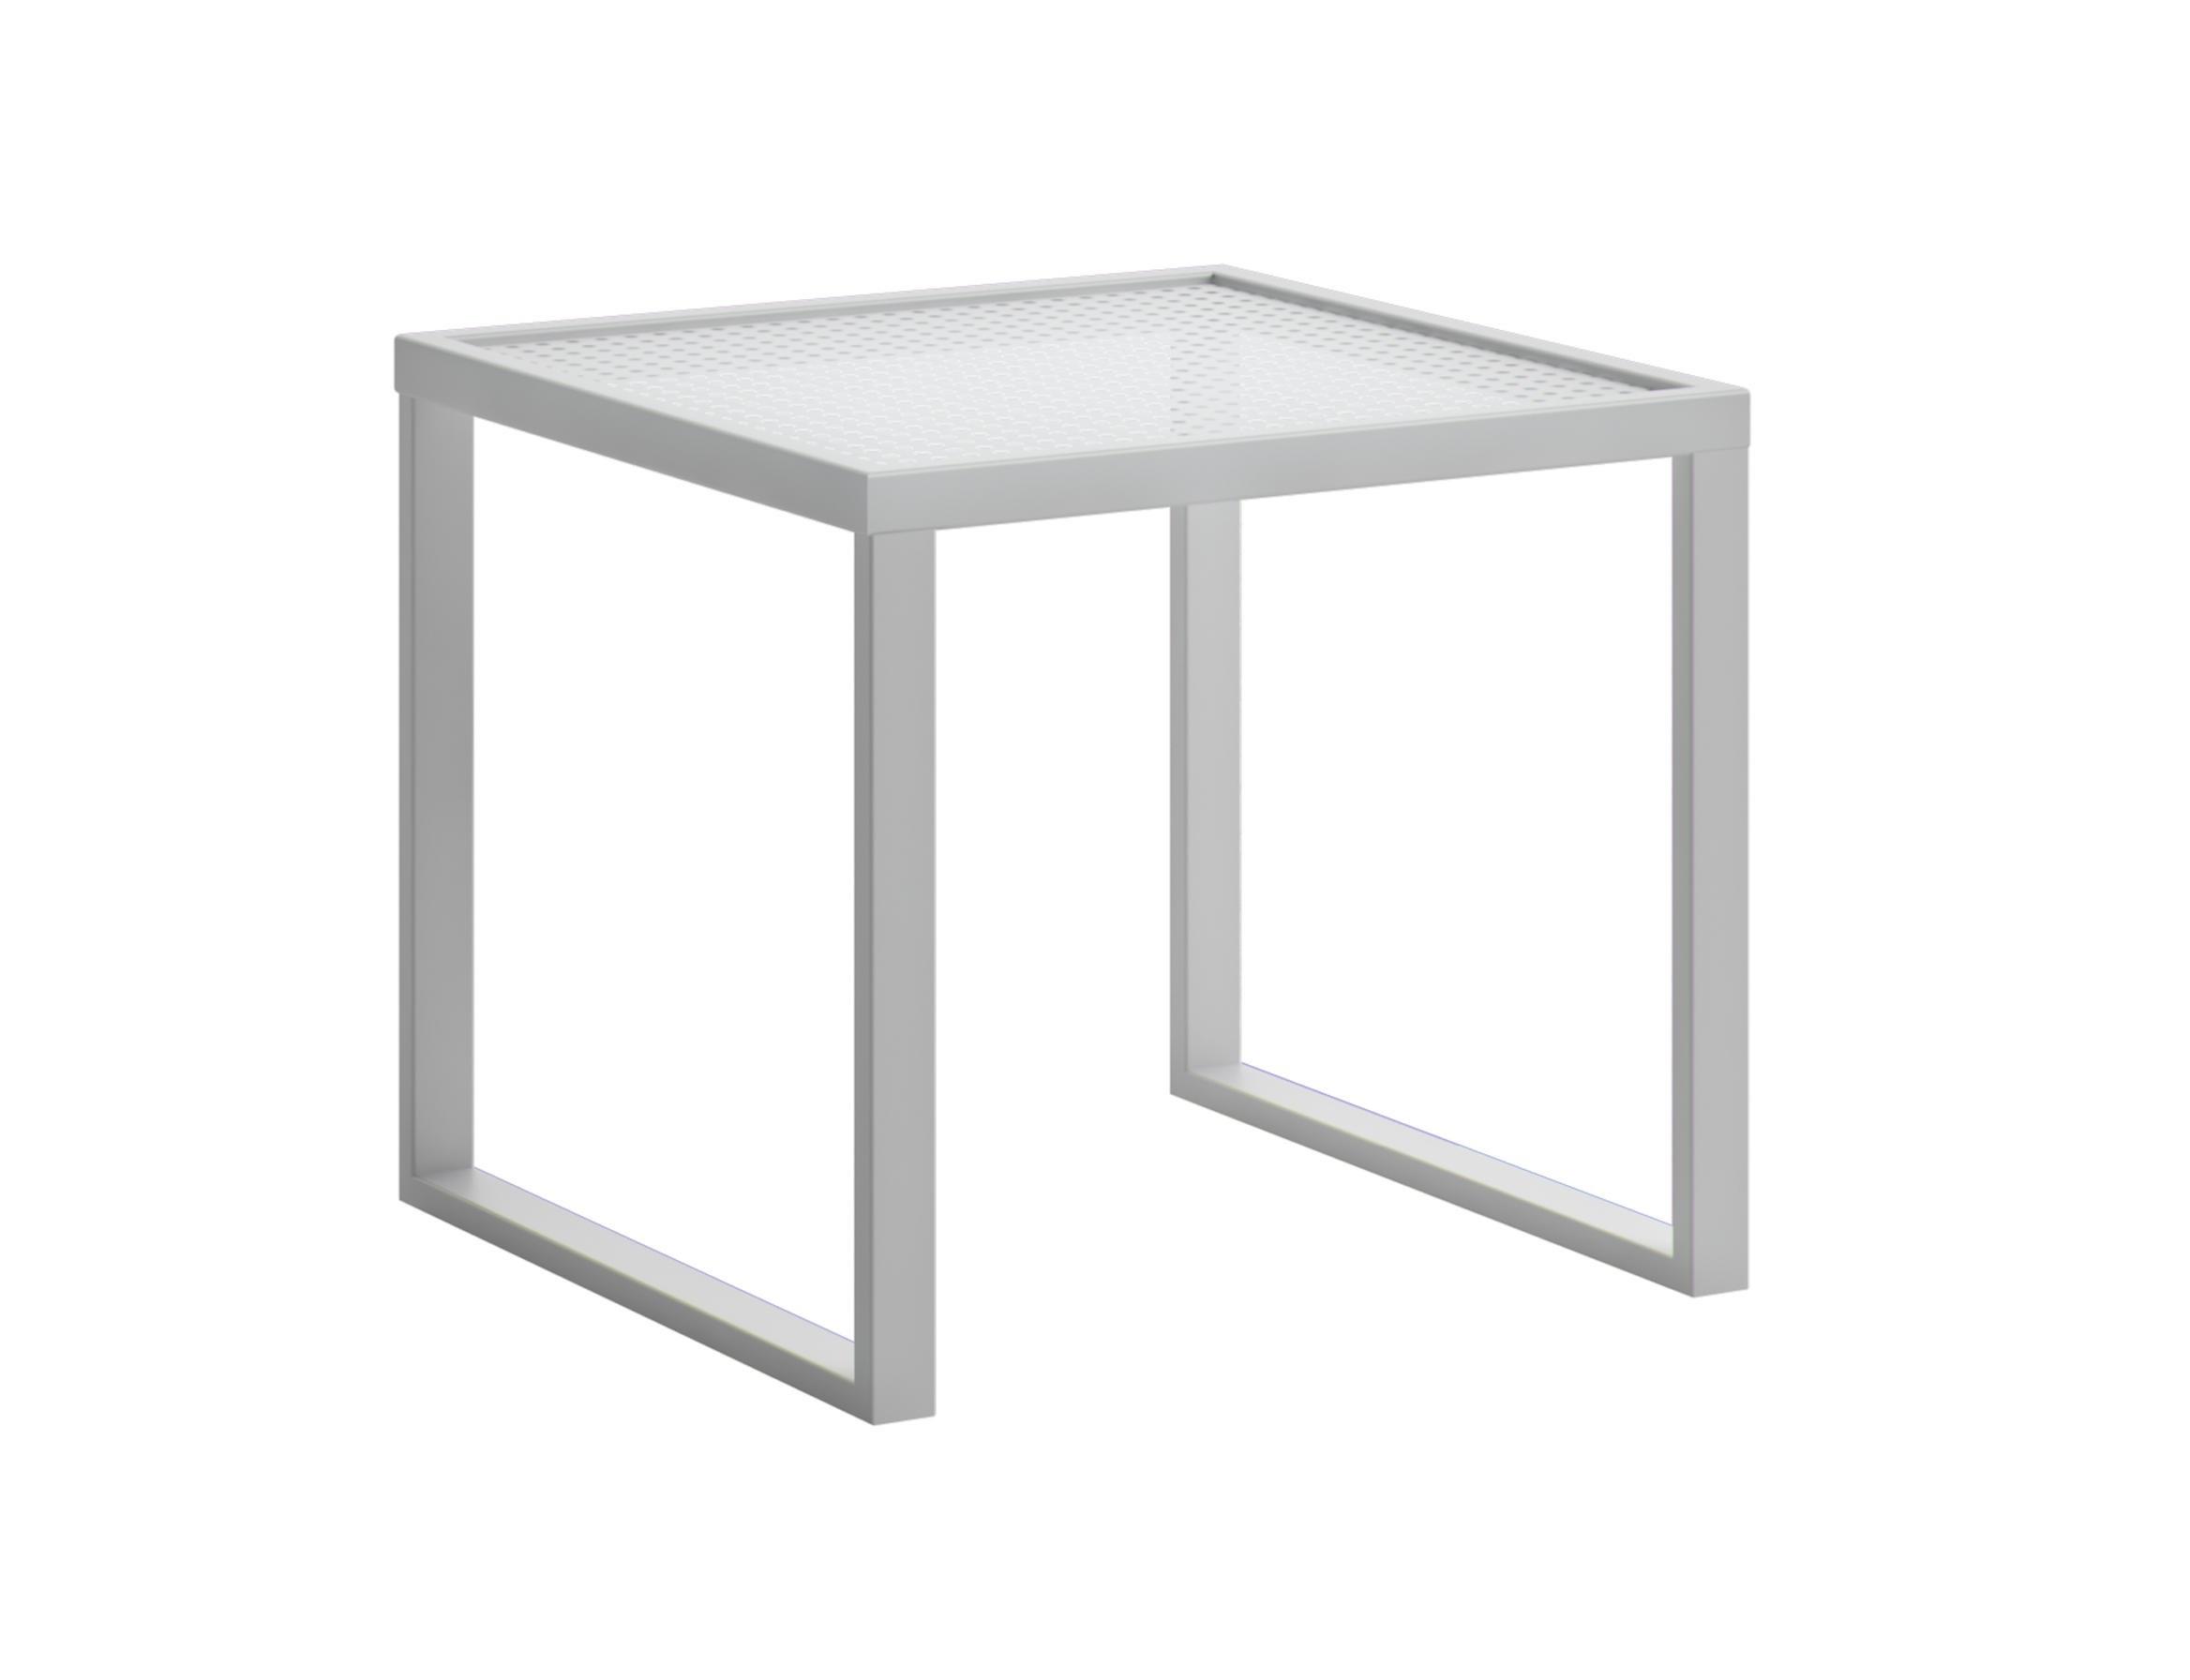 Стол приставной qubik (atmosphera) белый 45x45x45 см.